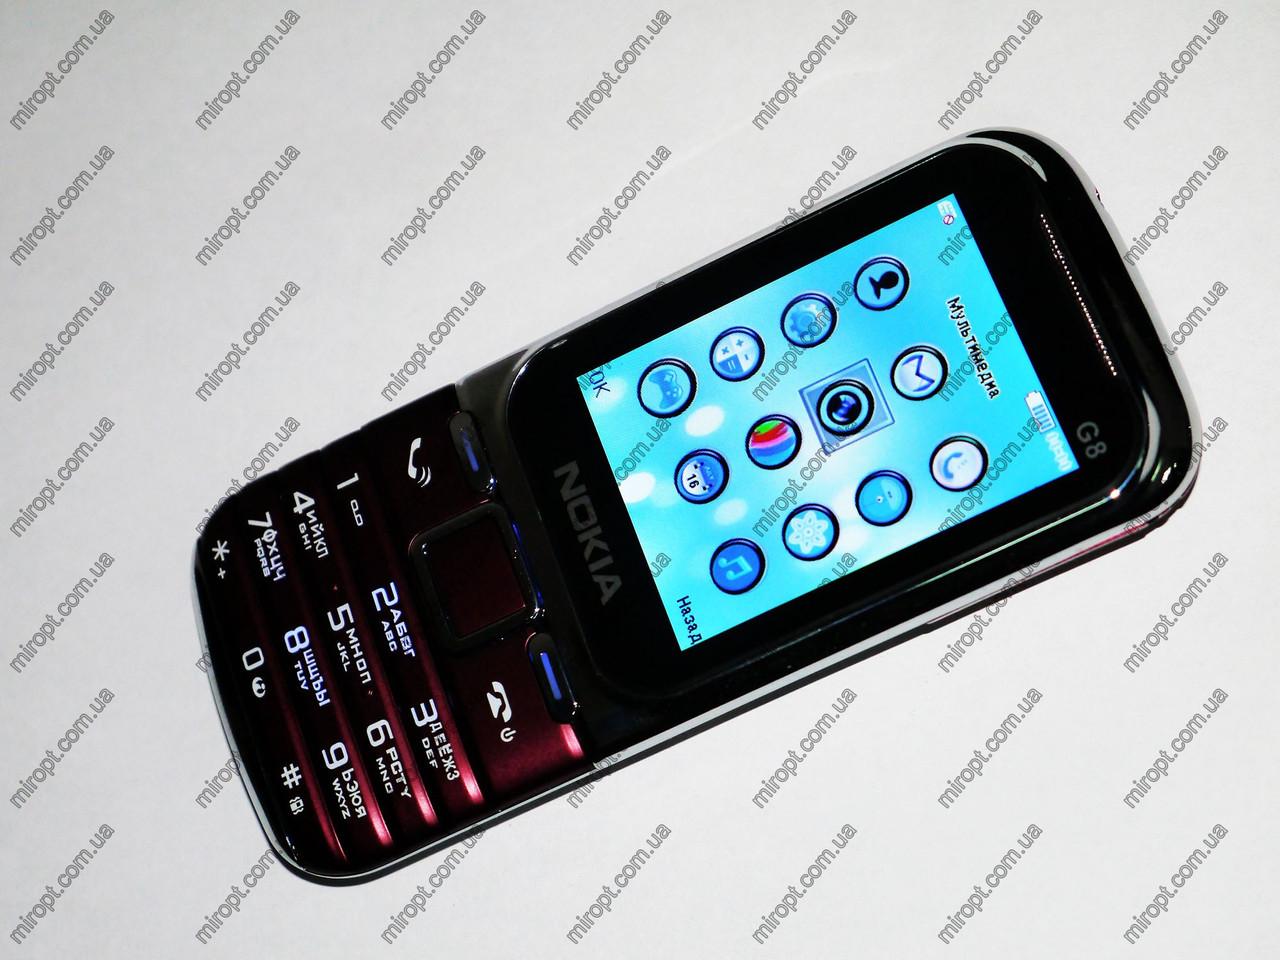 Телефон Nokia G8 Малиновый - 2 sim - Fm -Bt - Cam